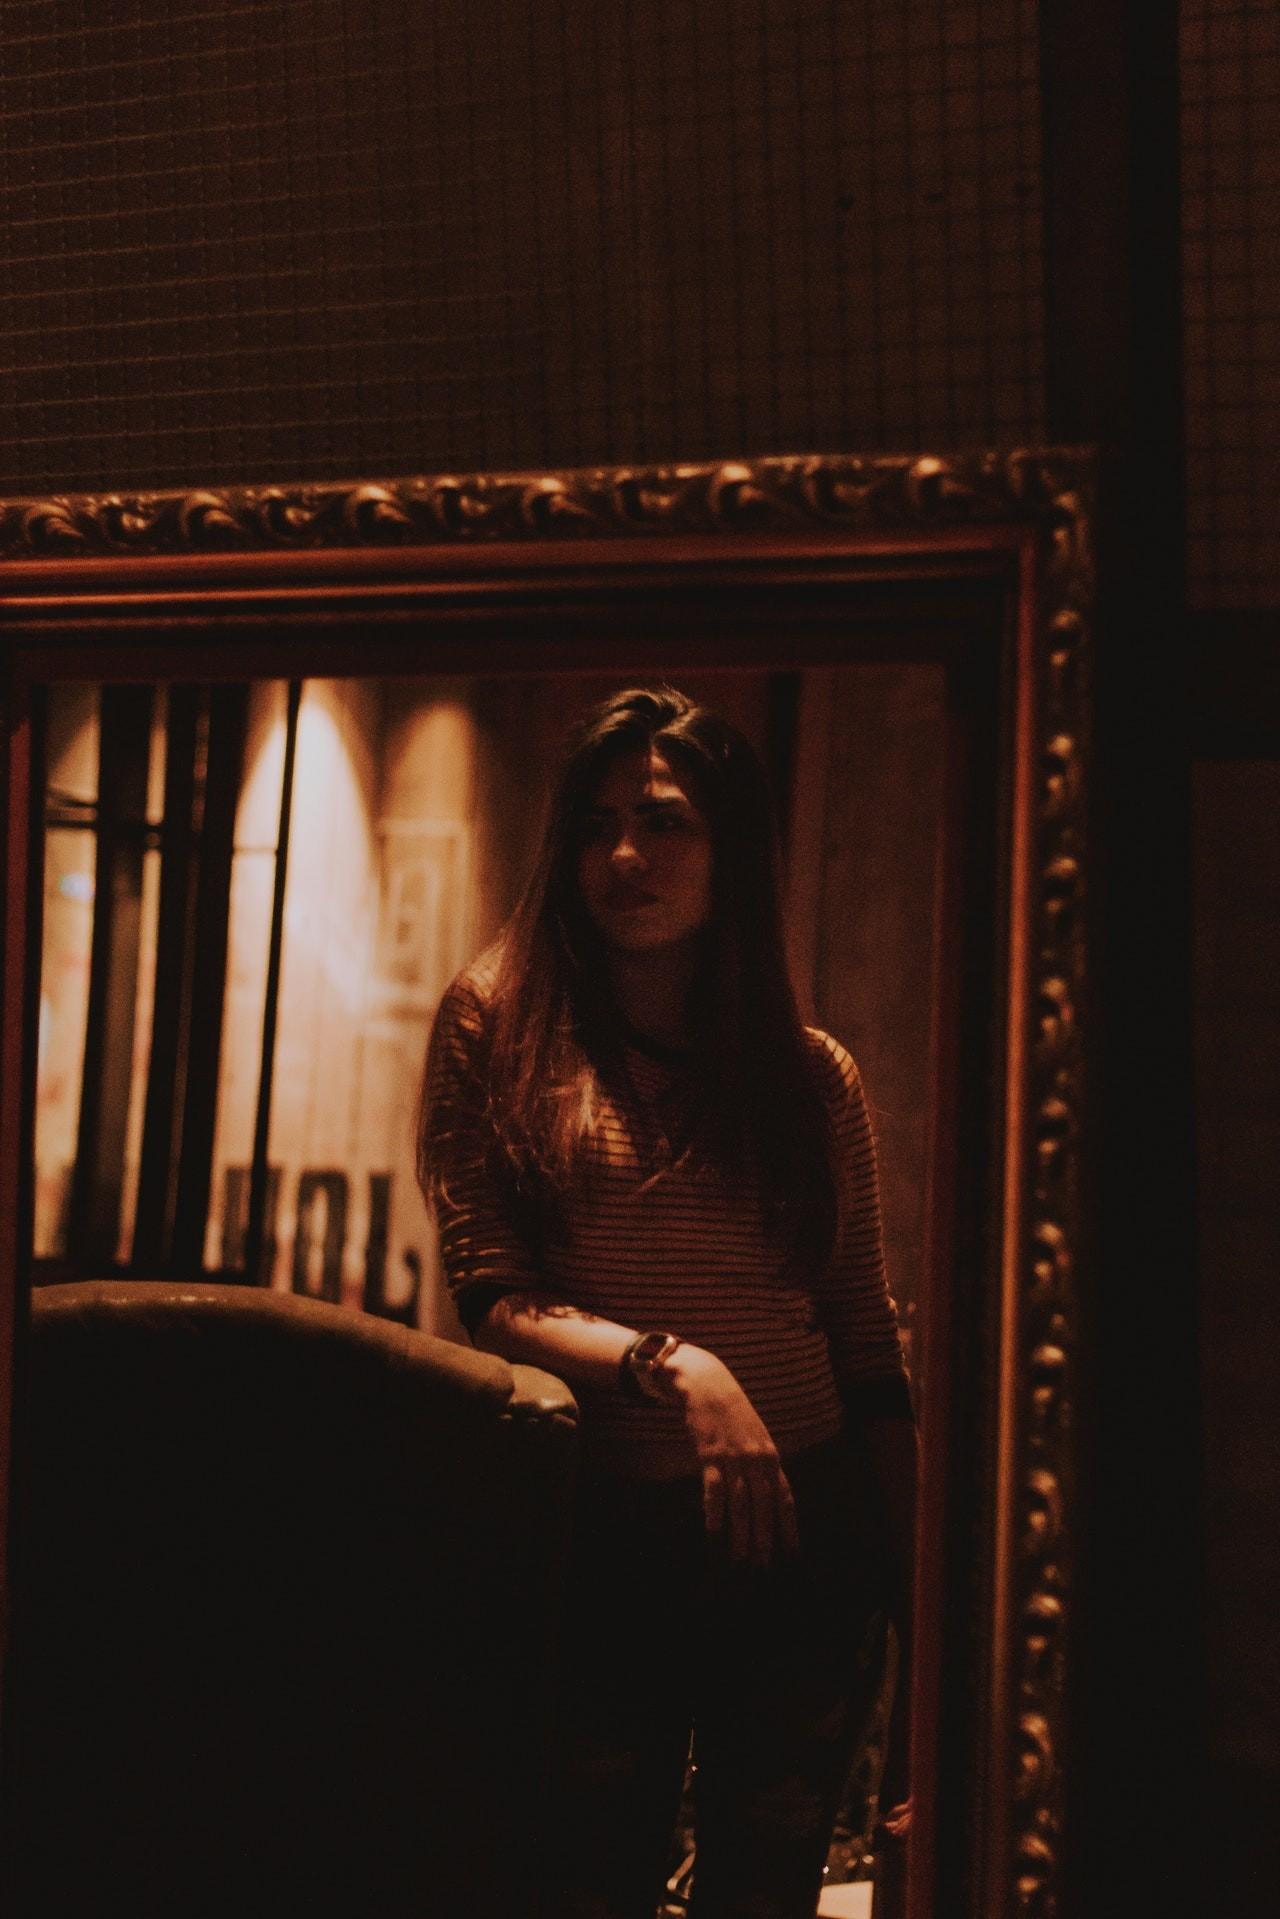 Barockspiegel können durch ihre schönen Fazierungen einen Raum aufwerten.